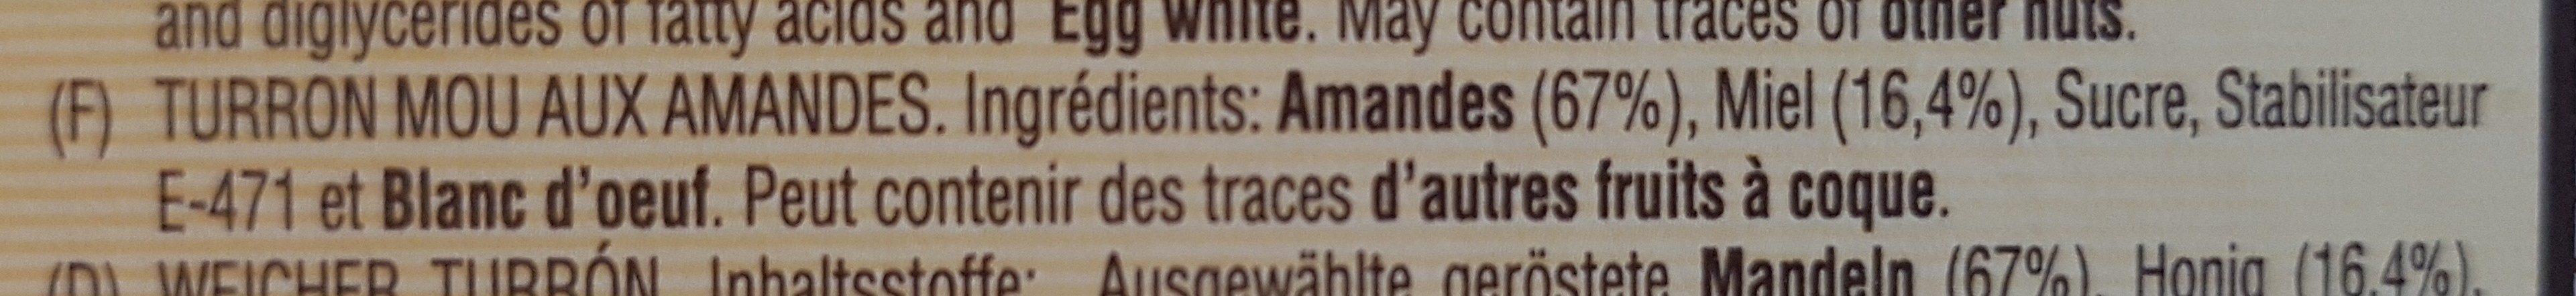 Turrón blando - Ingredients - fr